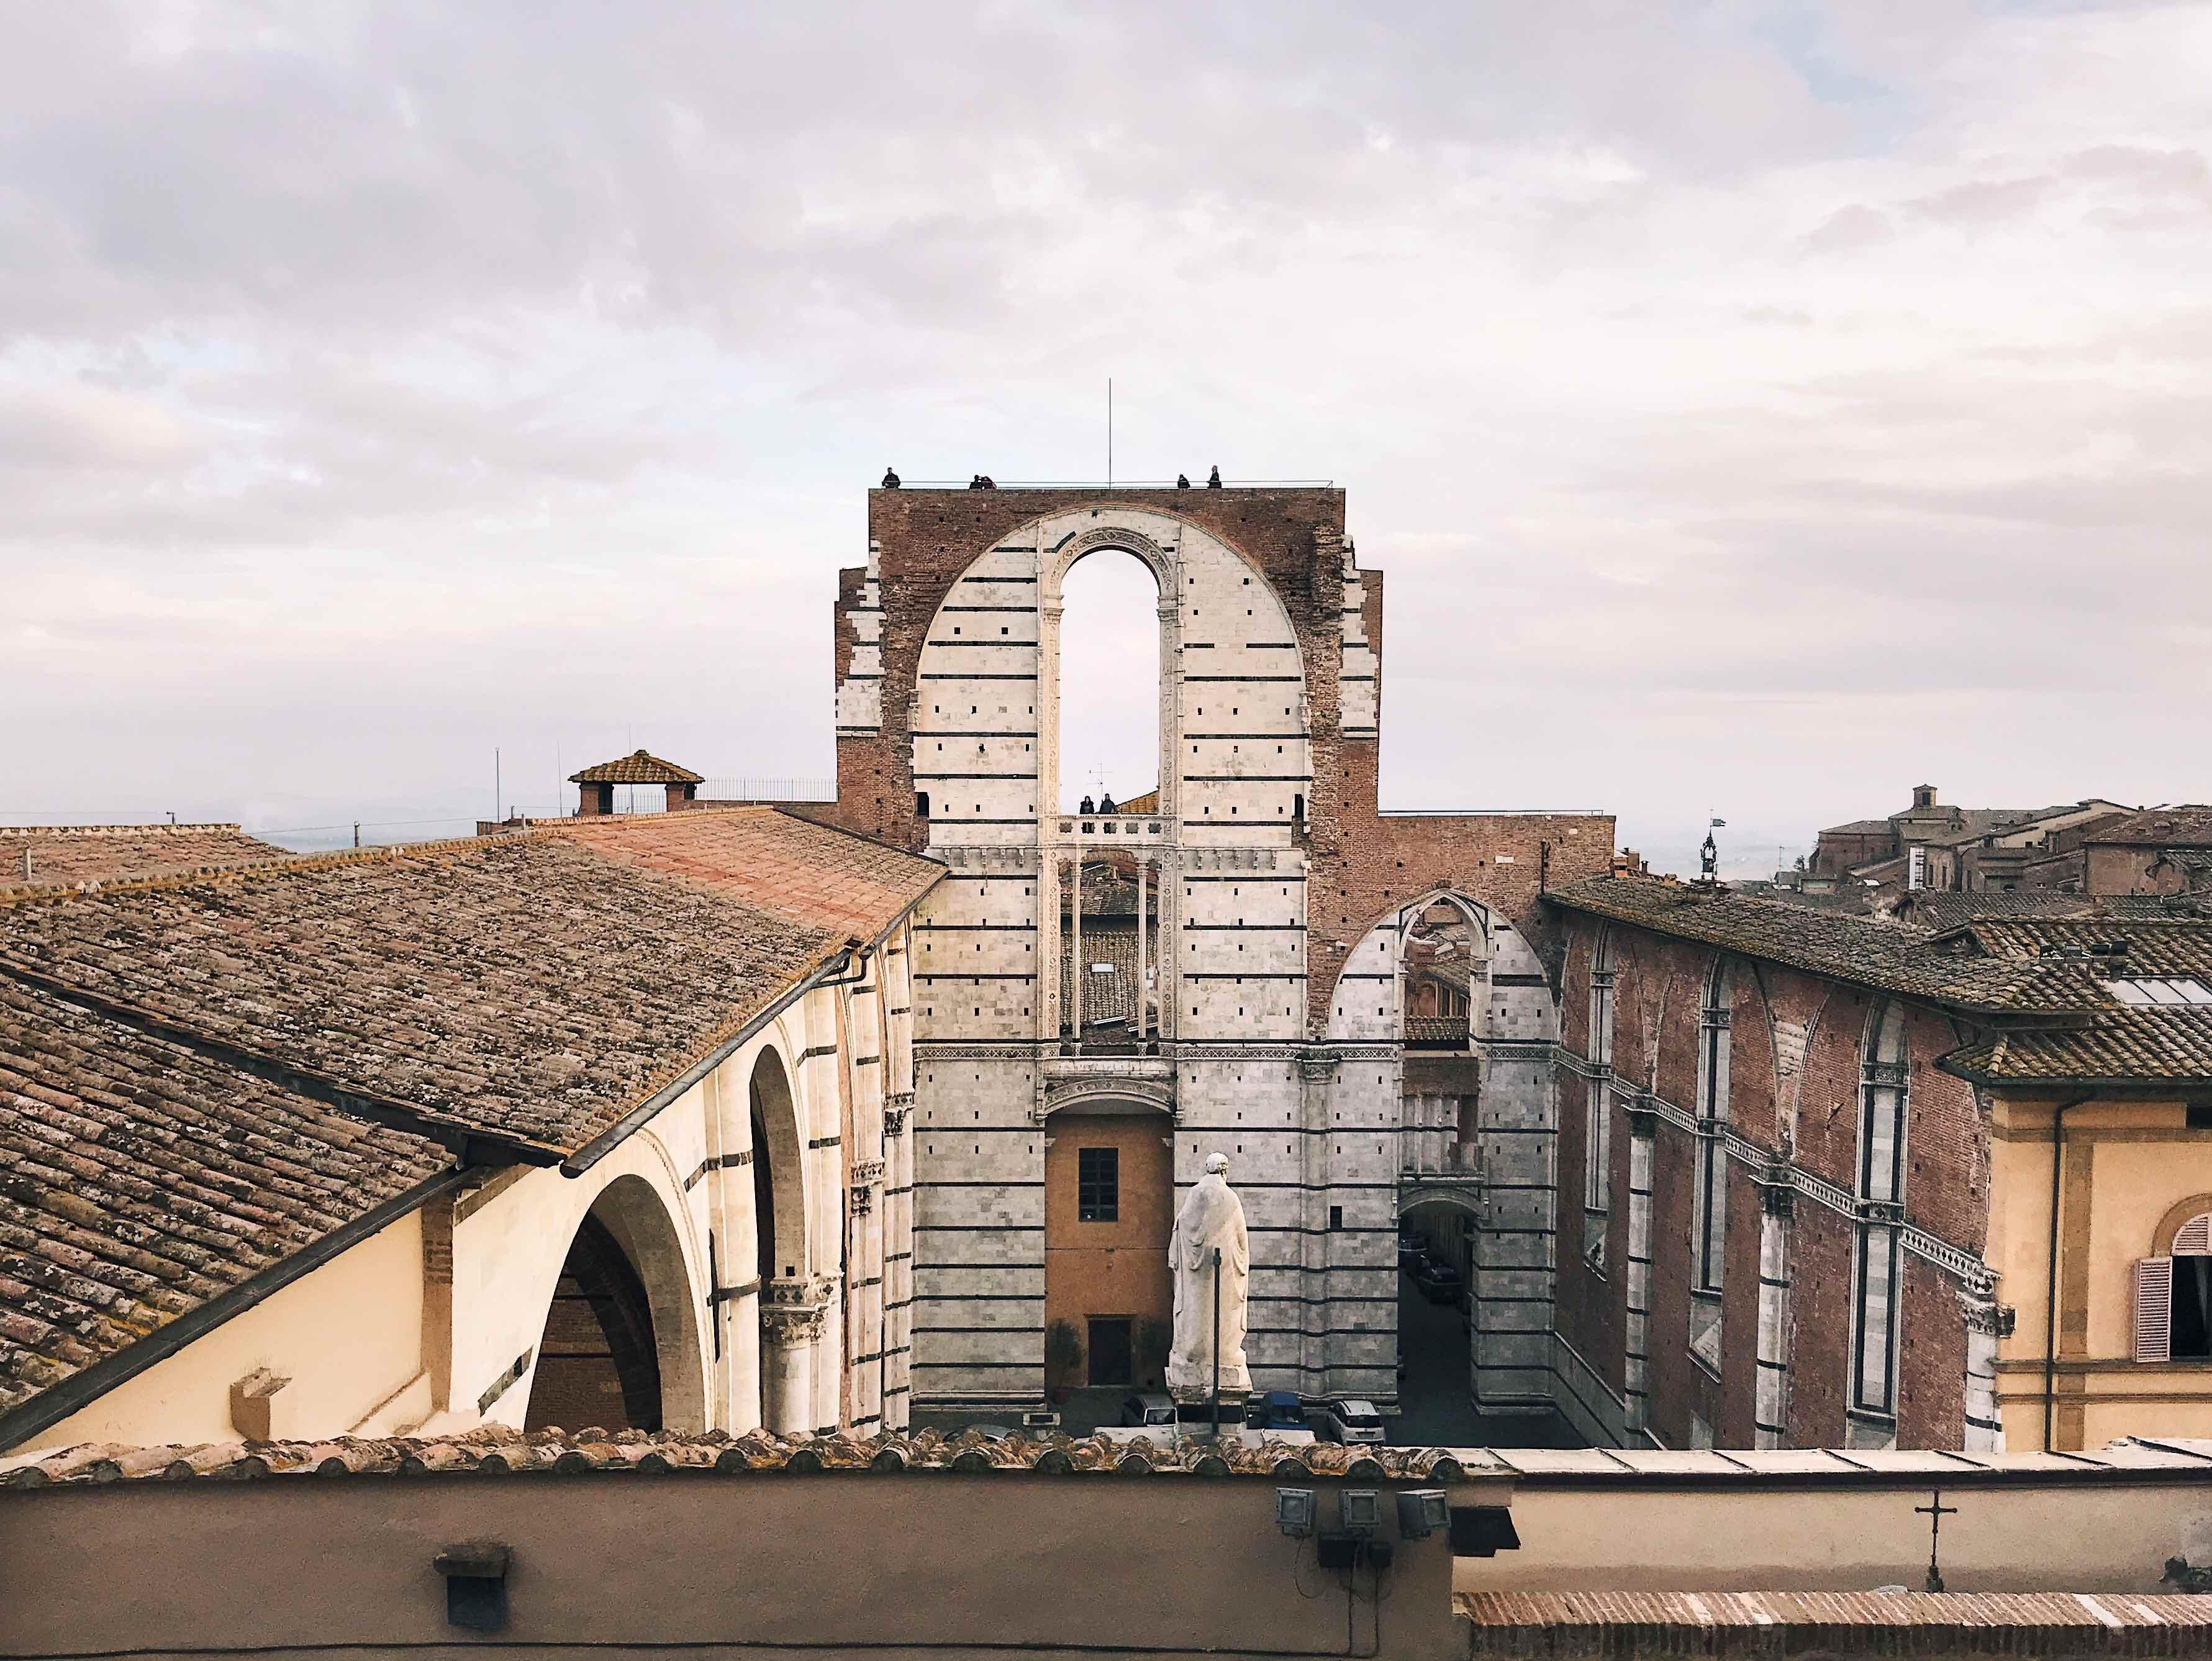 Il Facciatone di Siena